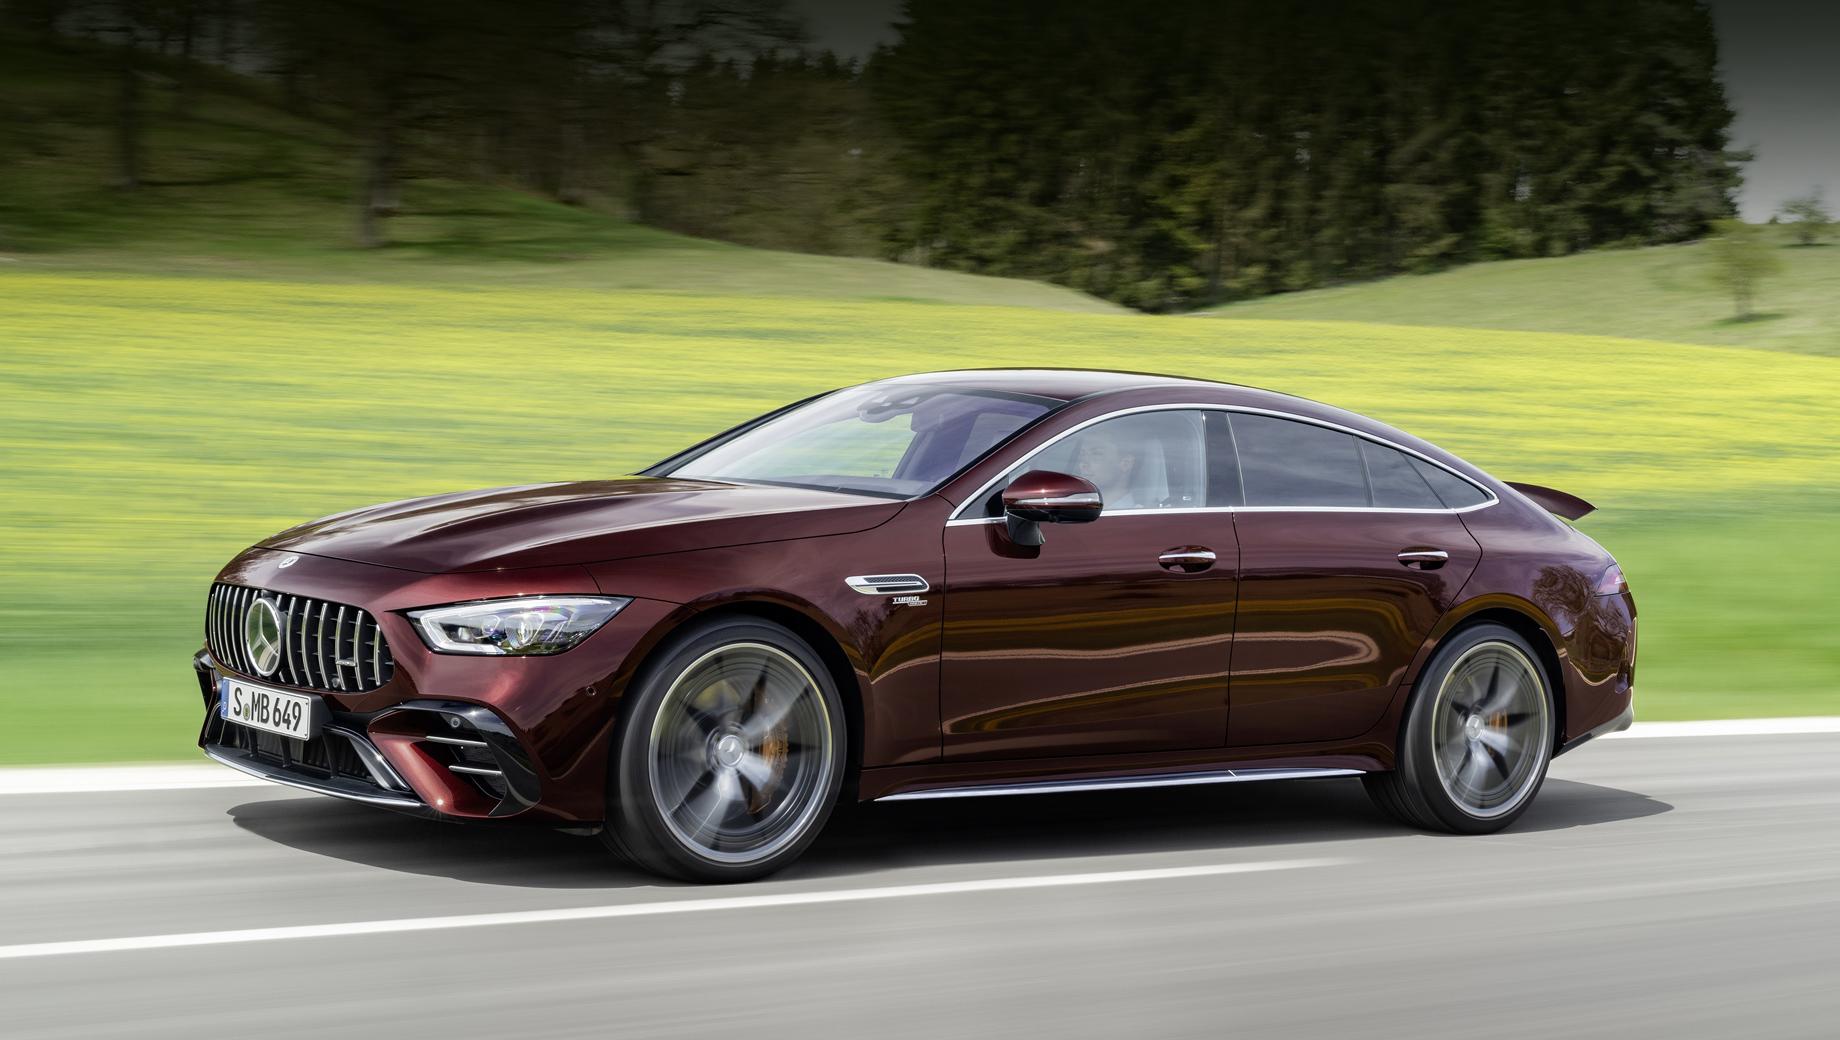 Mercedes amg gt. Версия Edition внешне выделяется пакетом V8 Styling и эксклюзивным цветом кузова Rubellite Red. Особое издание показано на примере модификации GT 53 4Matic+, но доступно со всеми моторами.